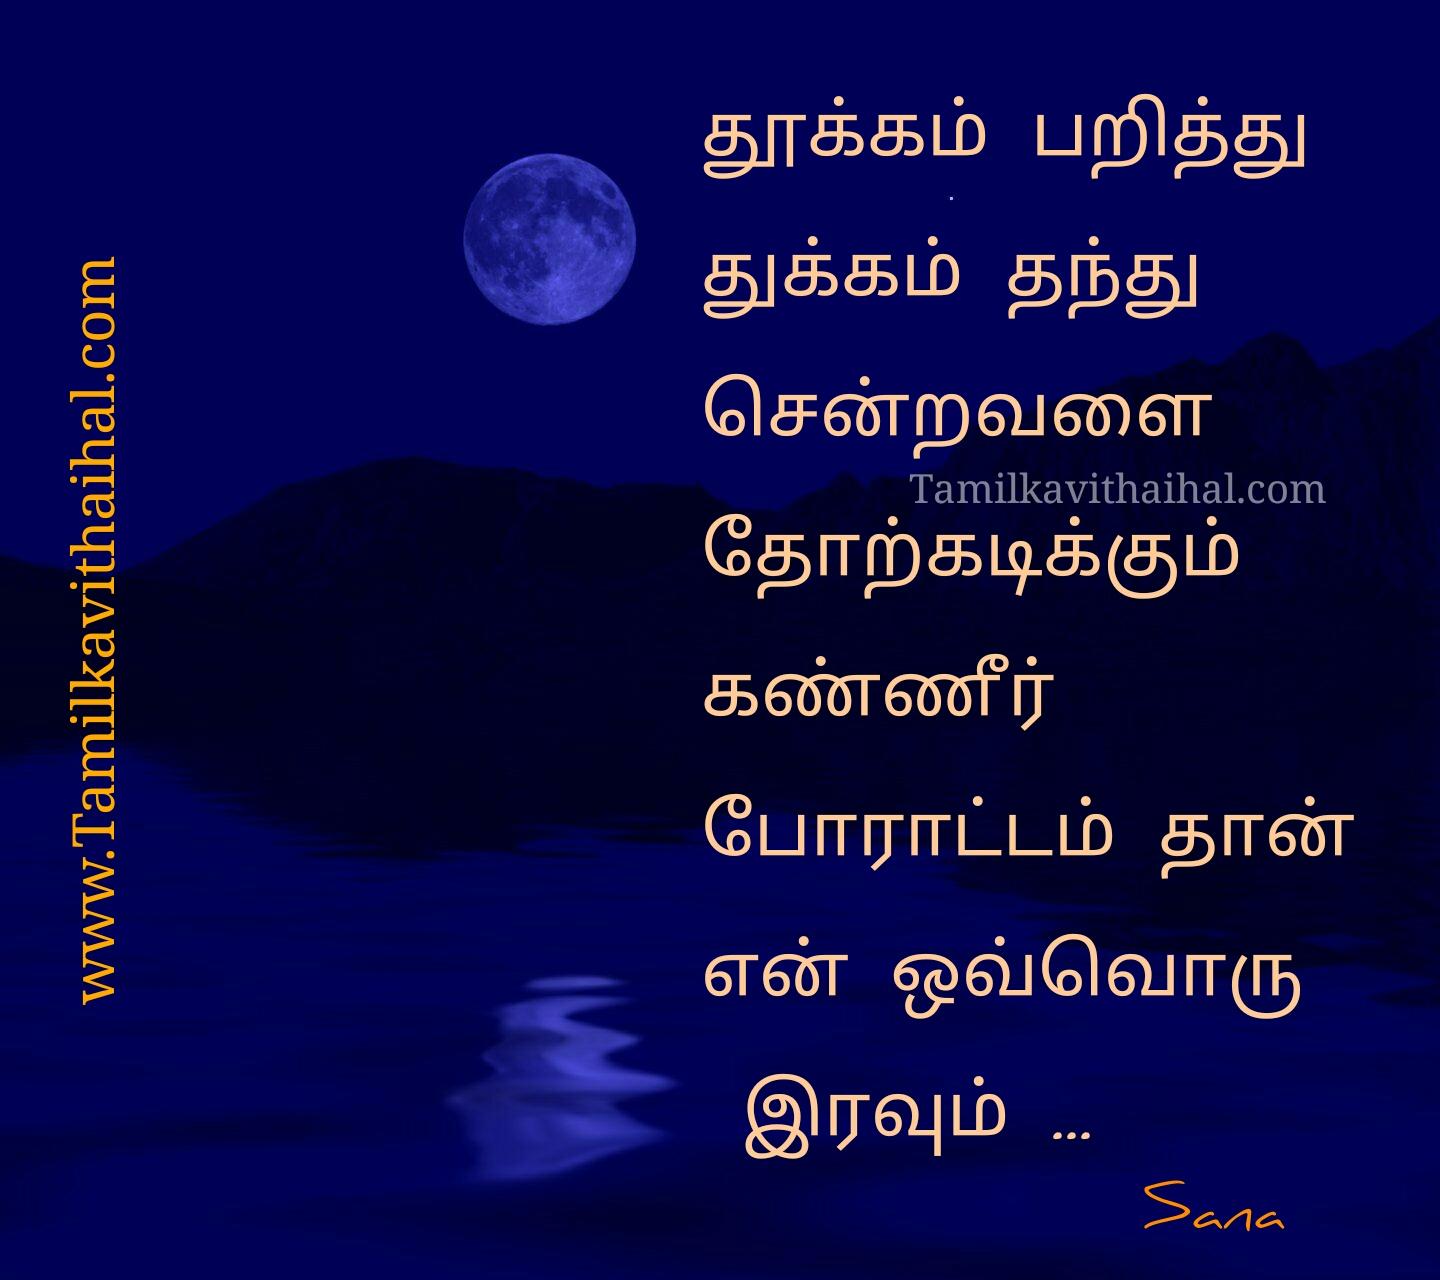 Sadlove sogakavithai in tamil iravu urakkam pain vali kanner porattam sana